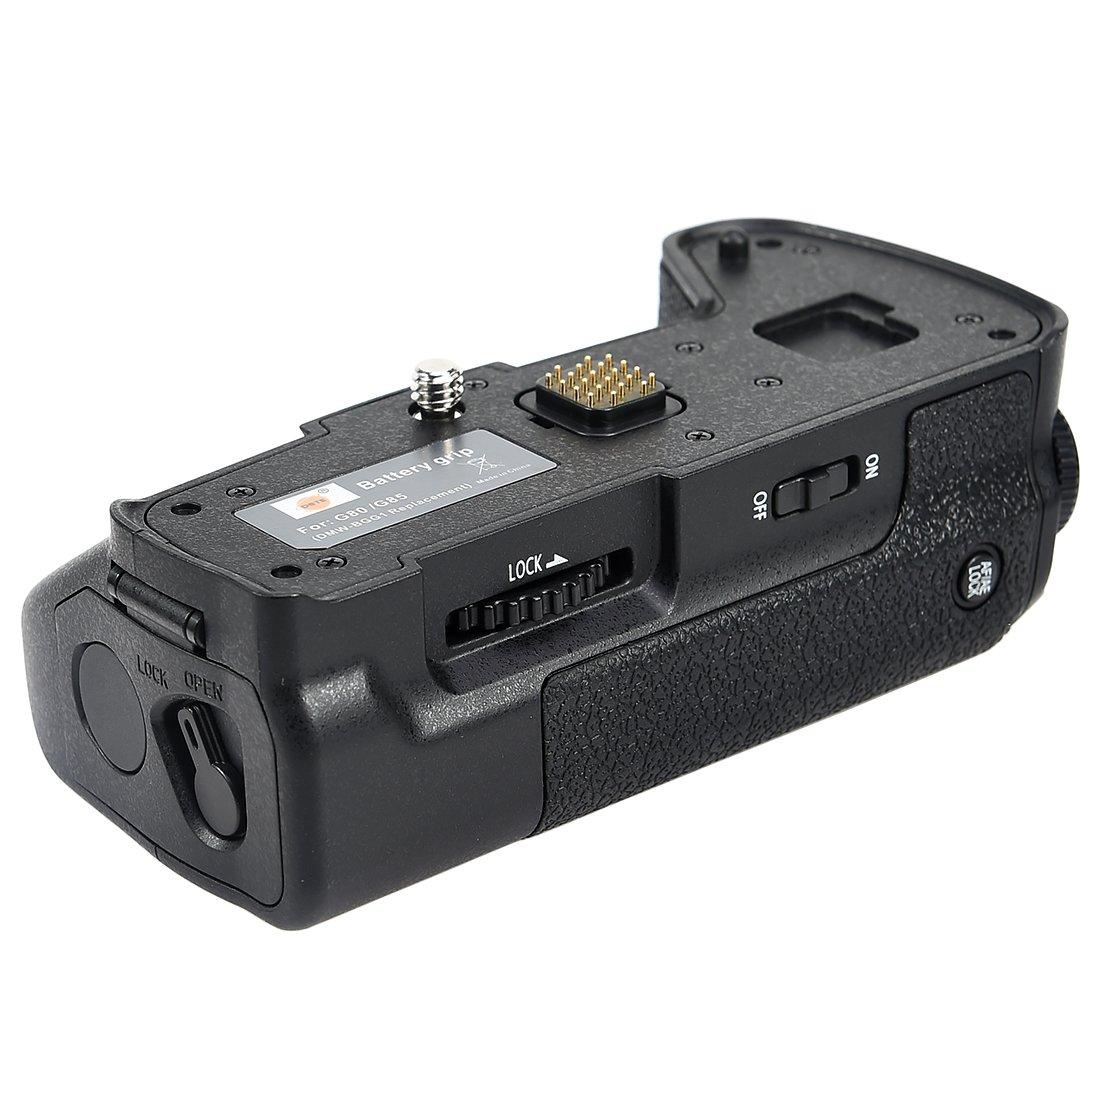 DSTE Pro DMW-BGG1 DMWBGG1 Vertical Battery Grip for Panasonic Lumix DMC-G80 DMC-G85 G80 G85 Digital Camera as DMW-BLC12 Dst Electron Technological Co. Ltd DB100